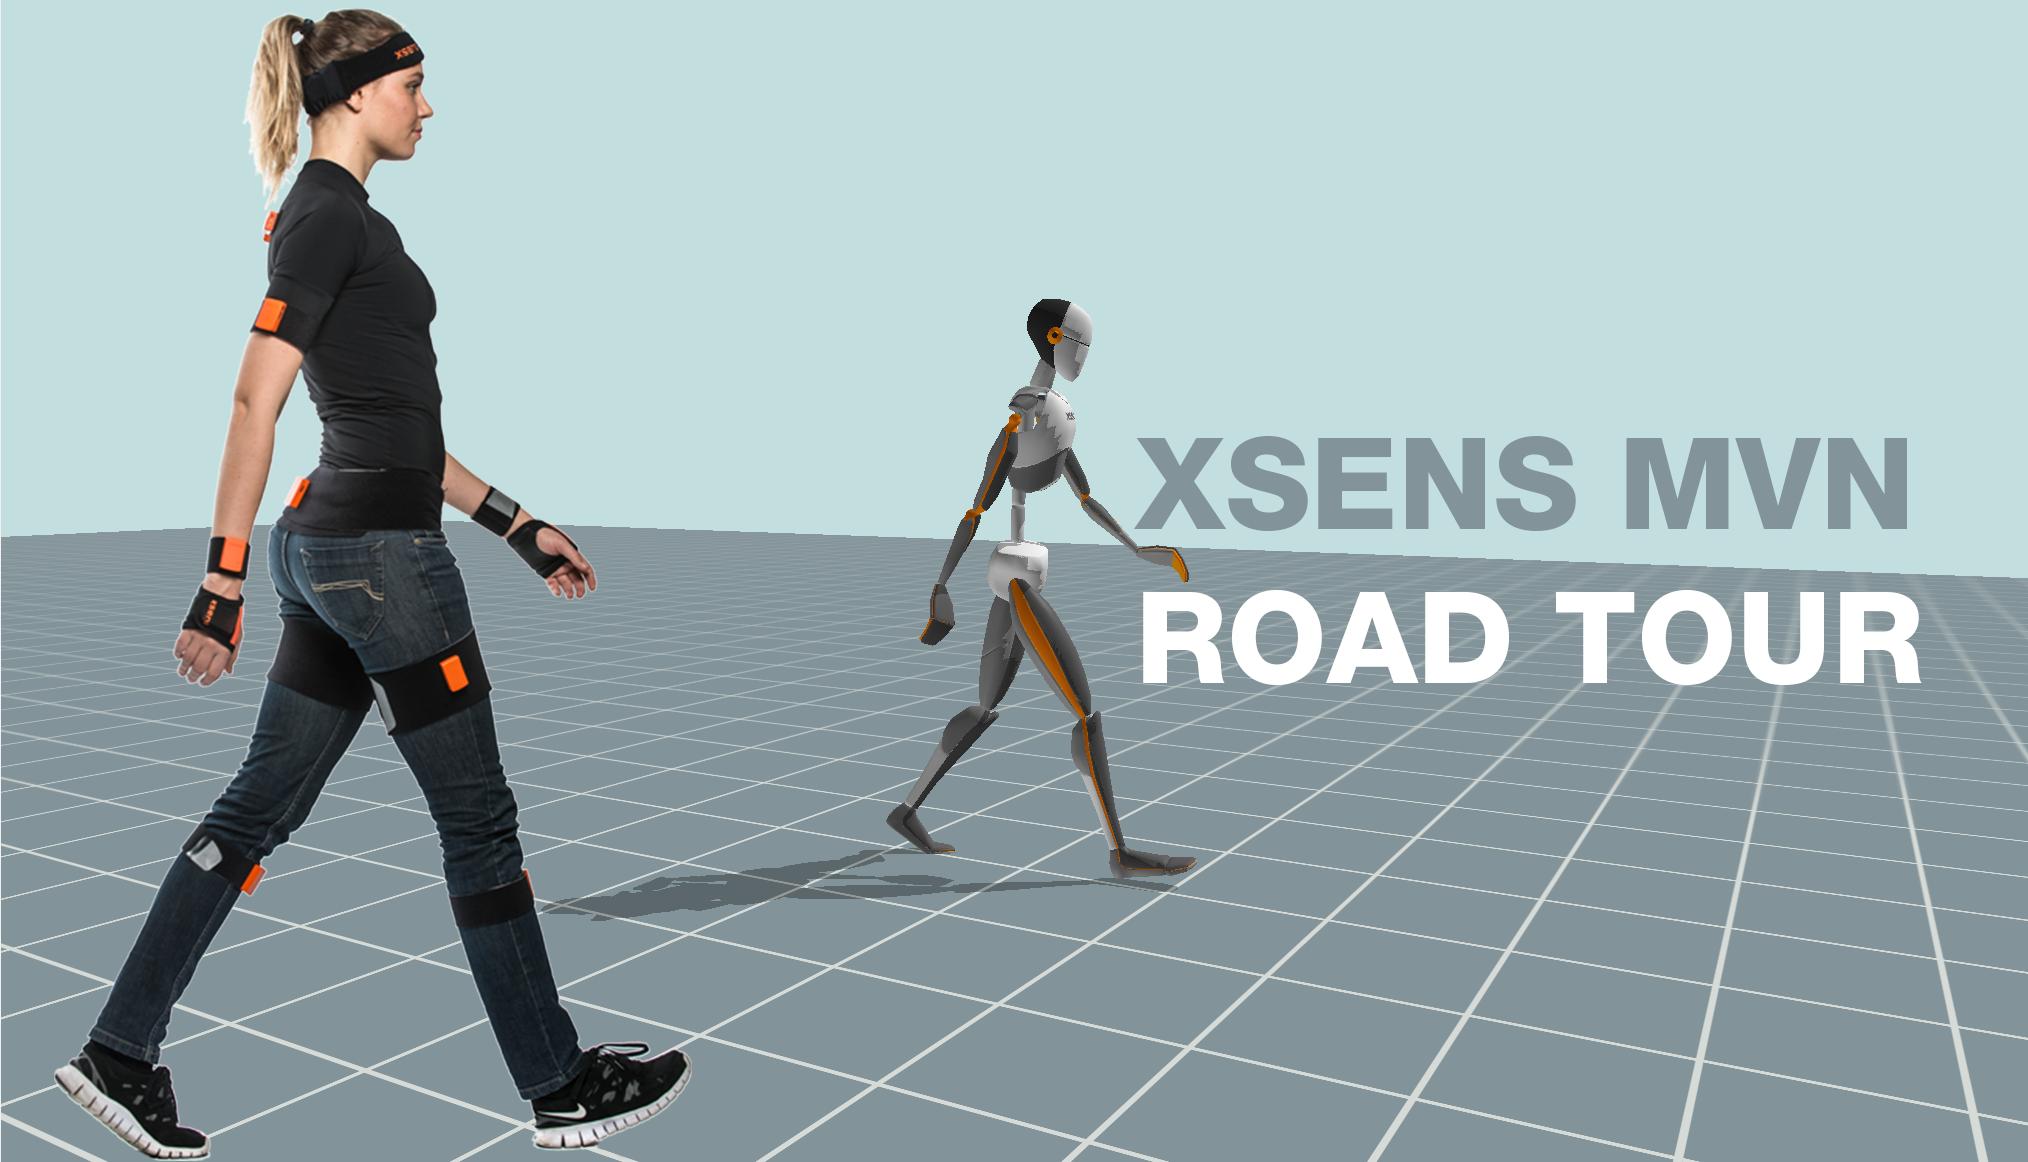 xsensmvn-roadtour.png